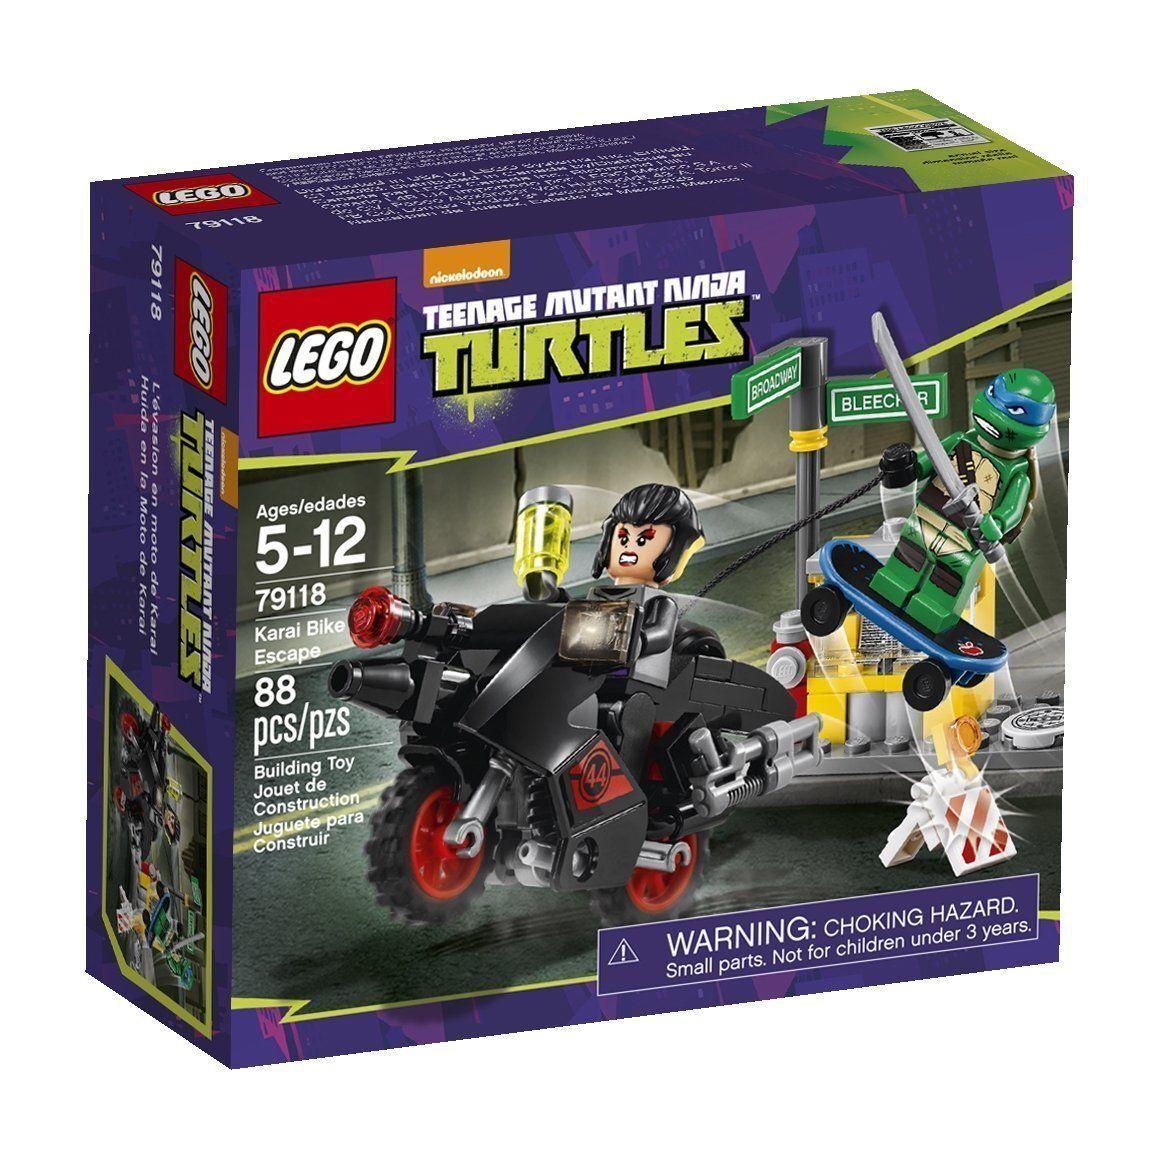 79118 KARAI BIKE ESCAPE lego NEW legos set TMNT leonardo NINJA TURTLES